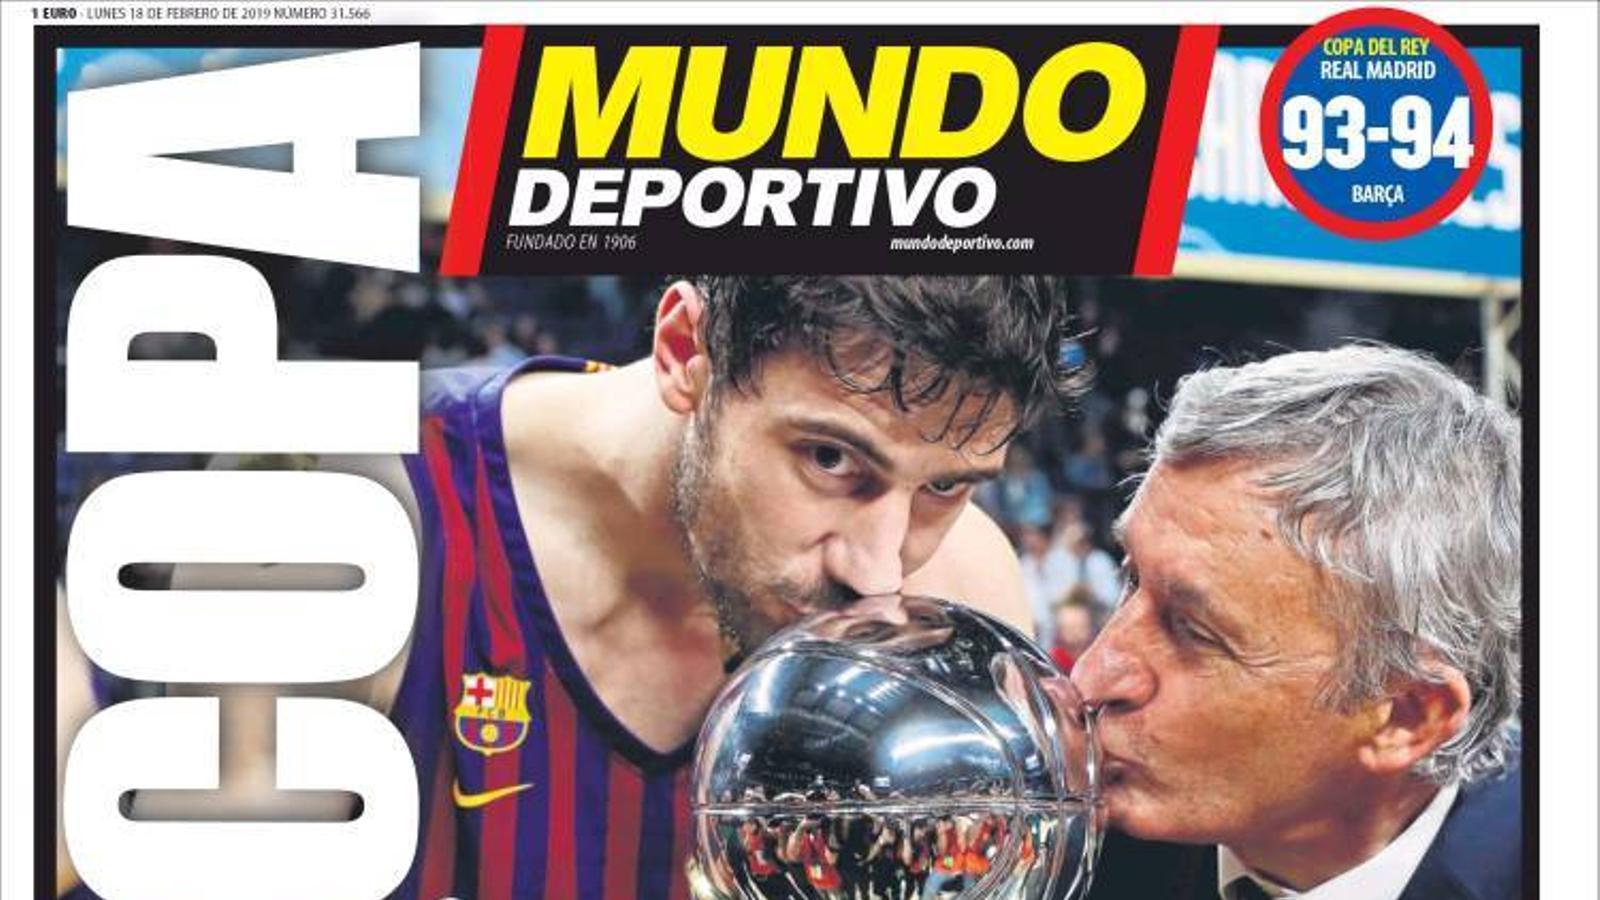 Portada 'Mundo Deportivo', 18 de febrer 2019